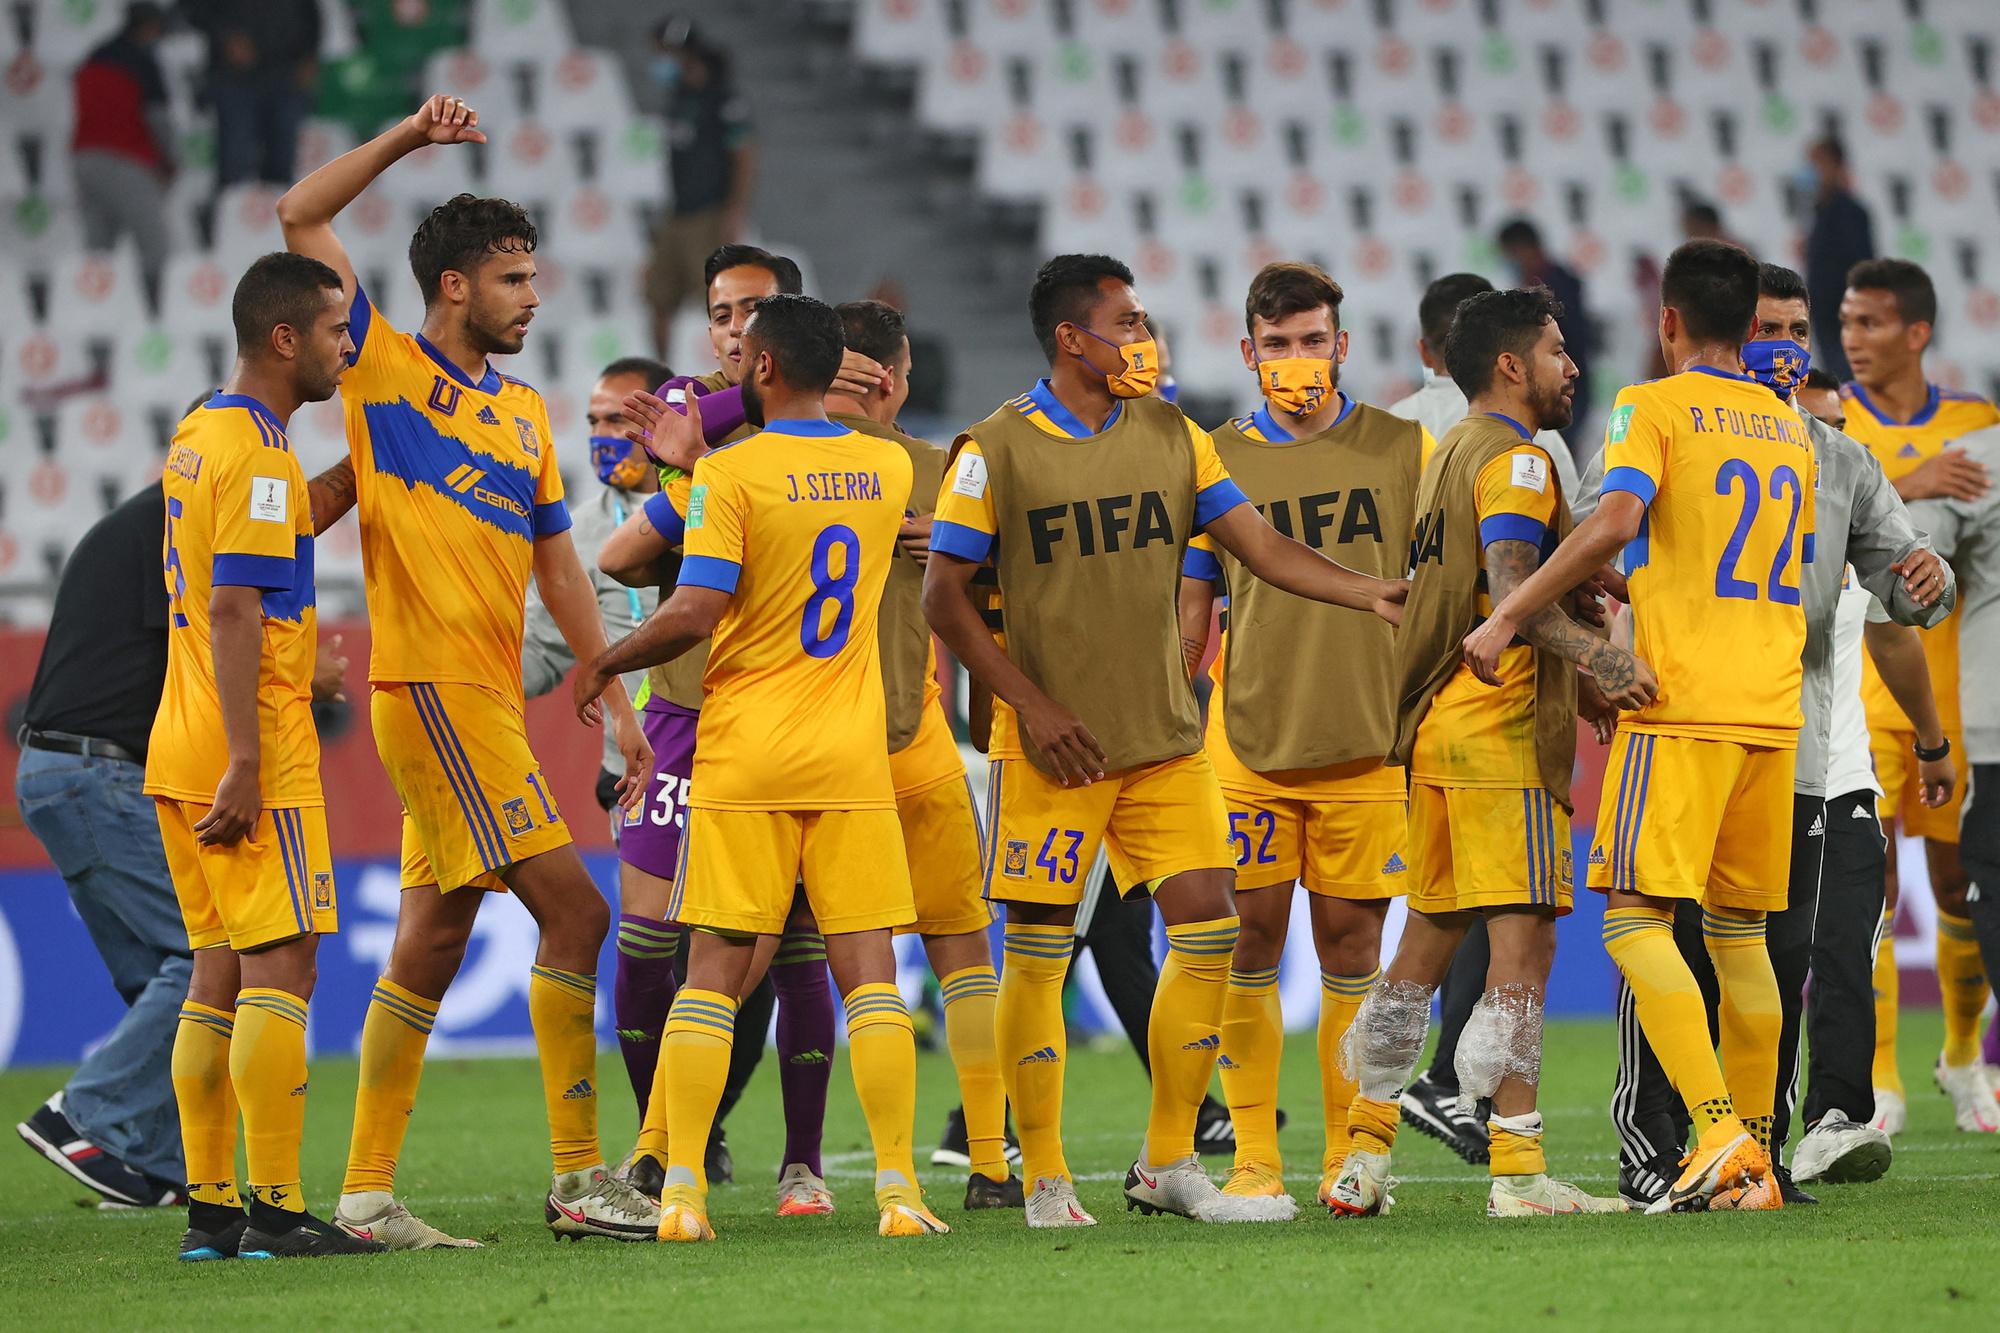 Tigres is de eerste club uit de CONCACAF die in de finale van het WK voor Clubs staat, Belga Image/AFP